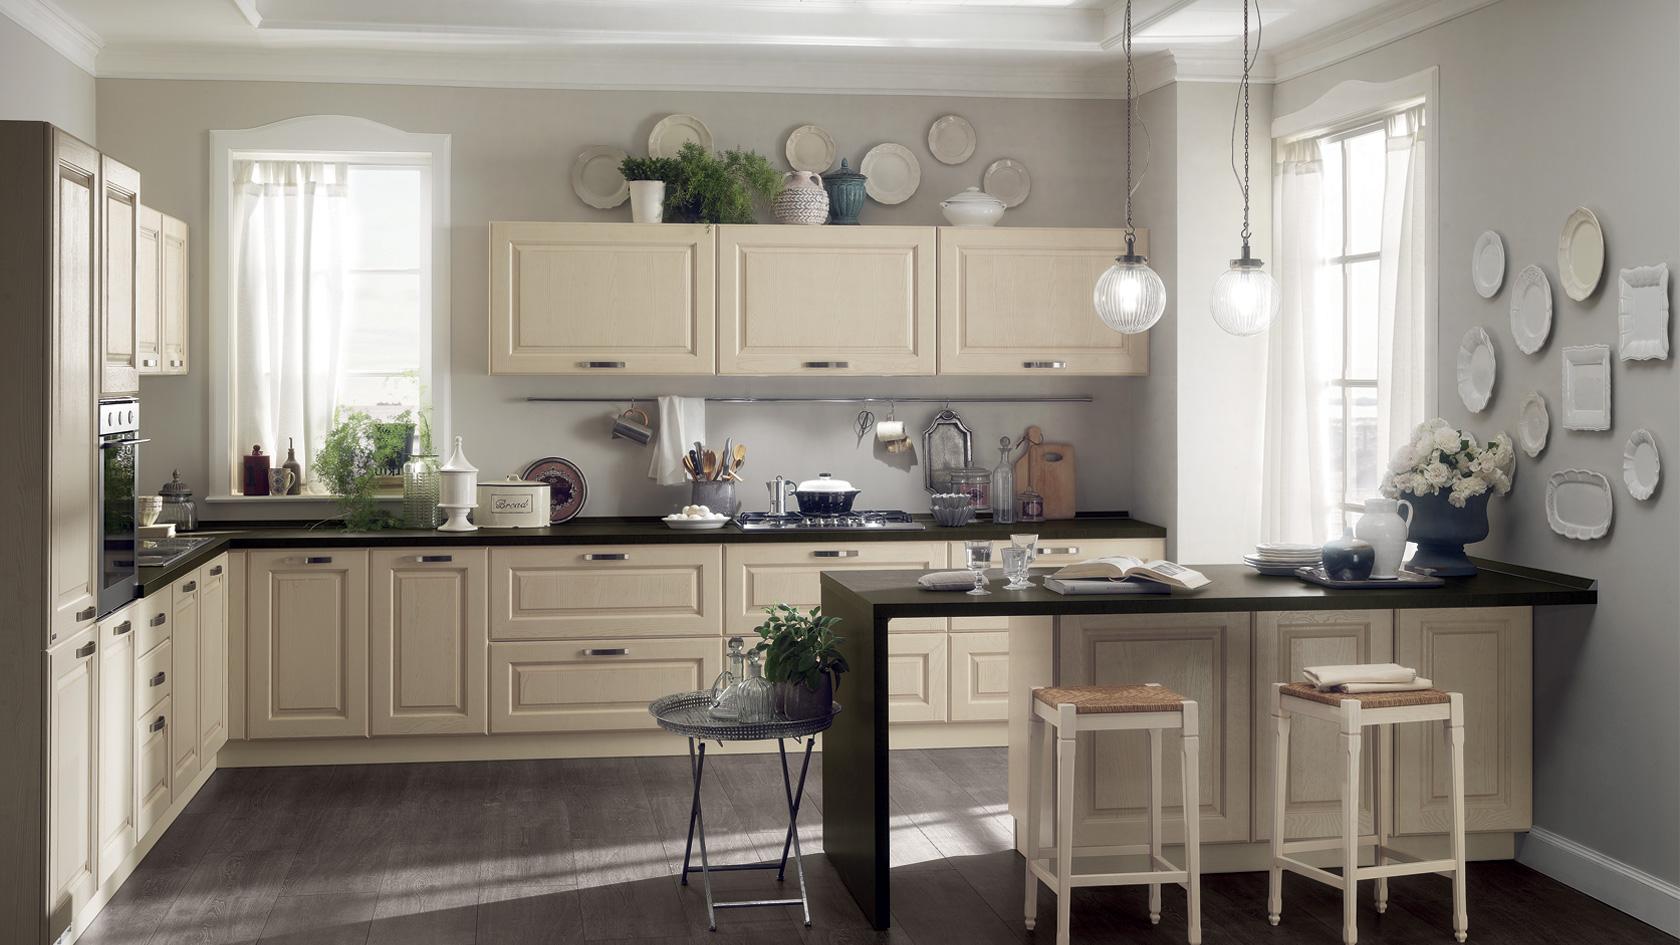 Cucina Kitchens Reviews